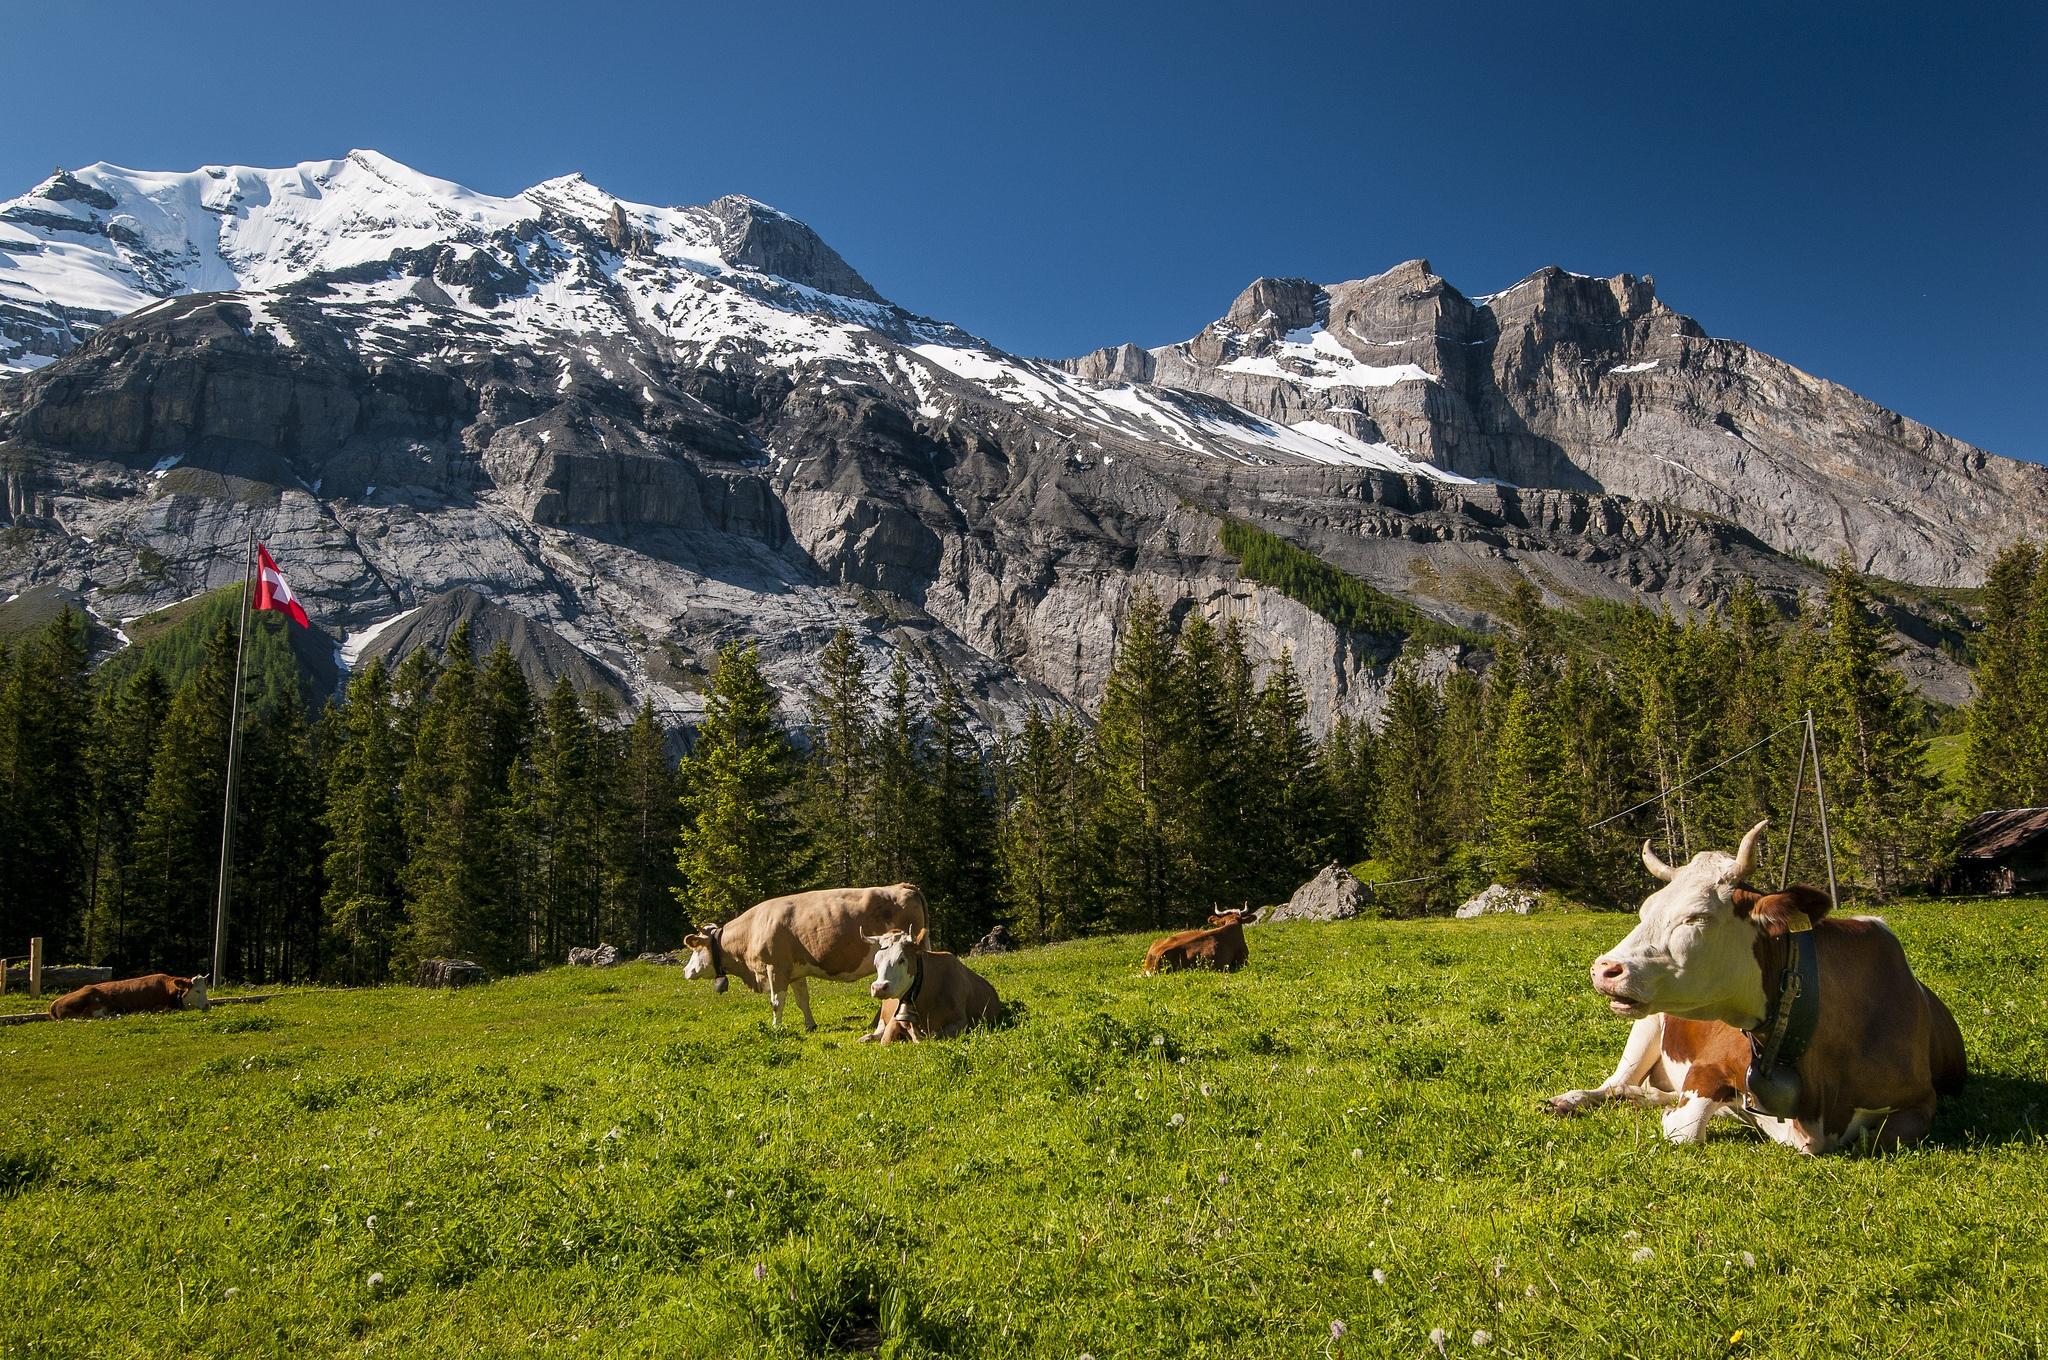 117069 скачать обои Животные, Швейцария, Луг, Трава, Вершины, Горы, Коровы - заставки и картинки бесплатно